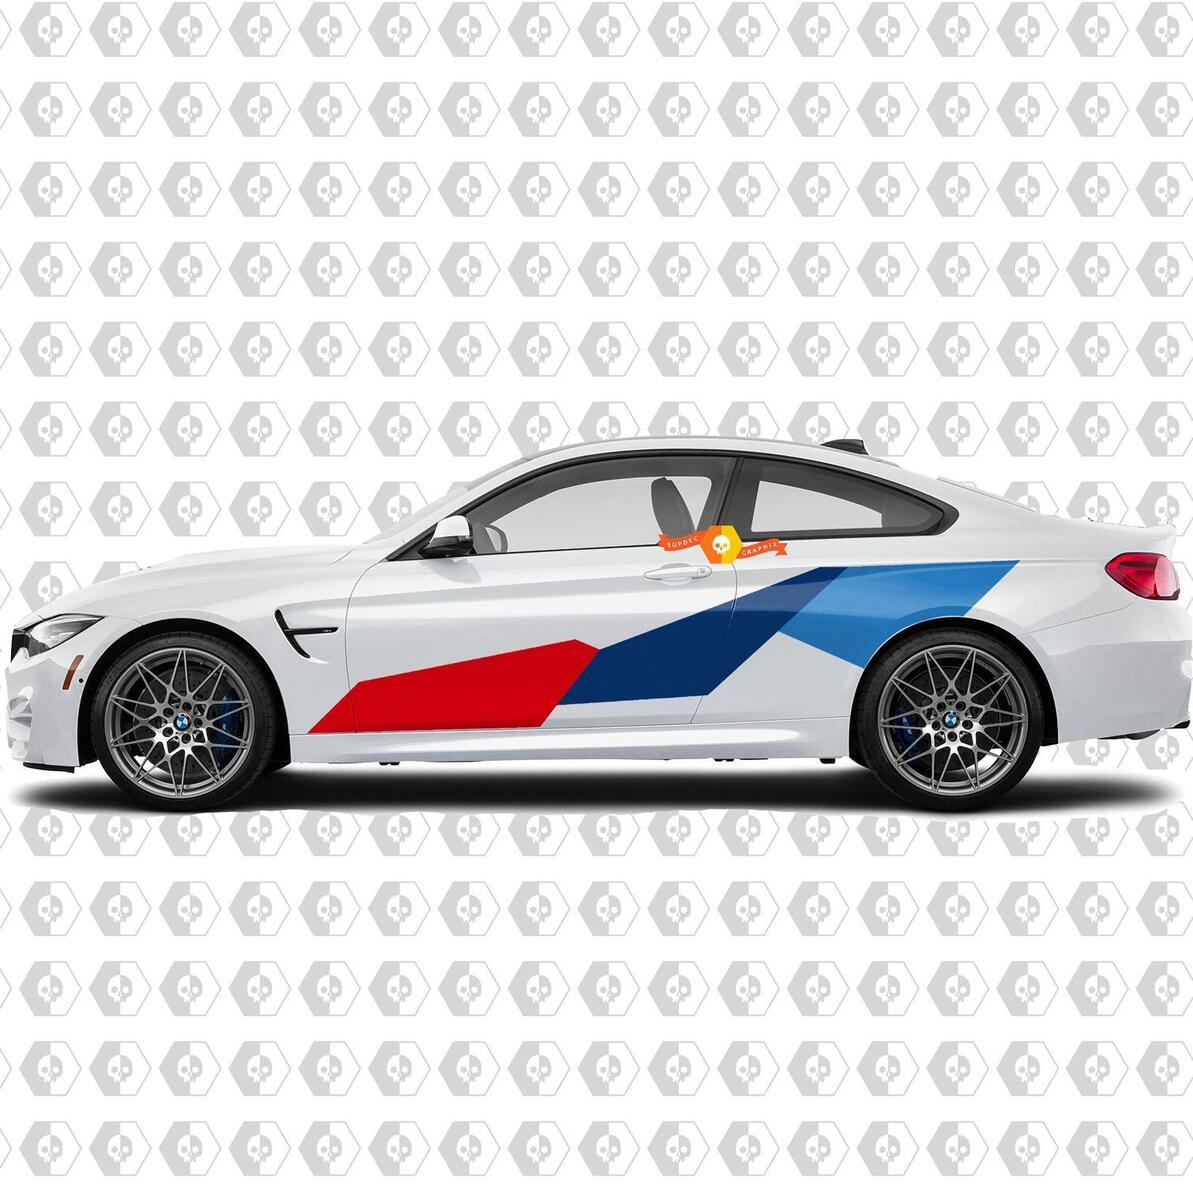 BMW M Power M Performance Riesenseite Neue Vinyl-Aufkleber Aufkleber Für M4 M2 M5